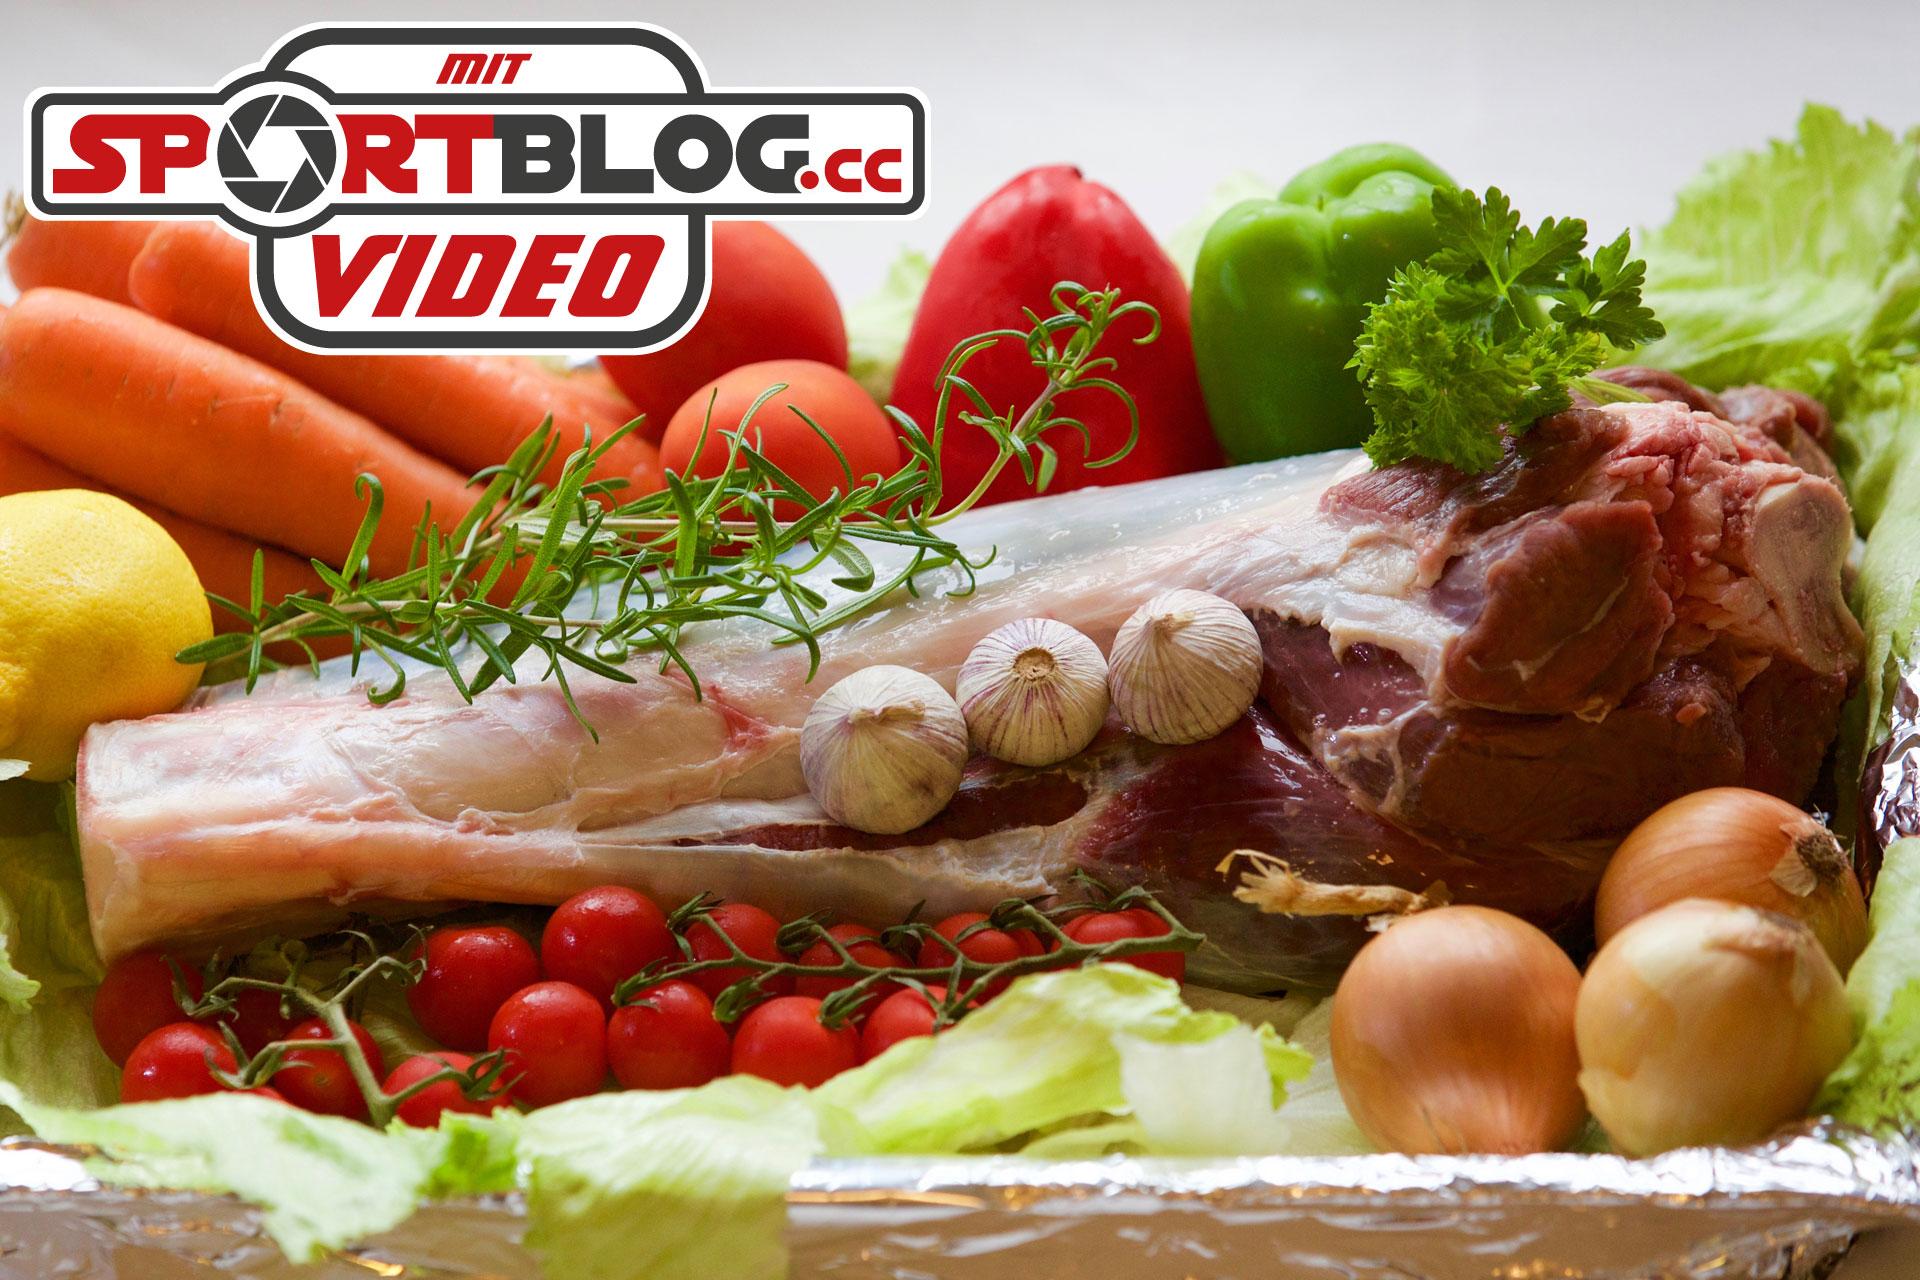 Paleo Diät: Wie funktioniert sie für Sportler?